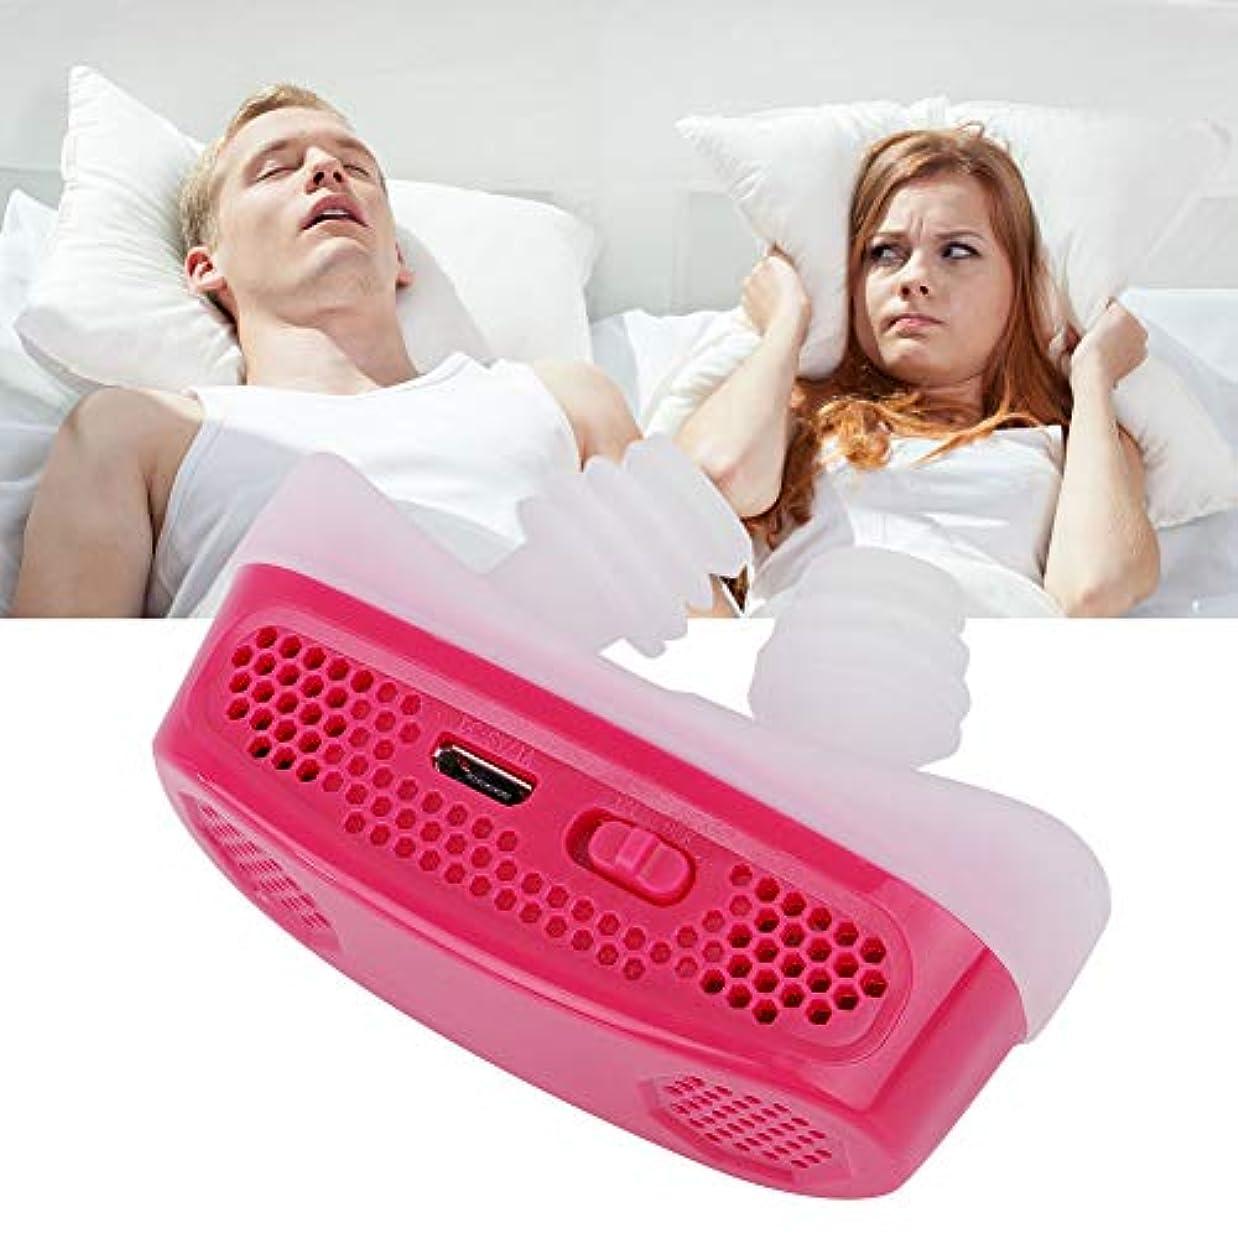 確かに祖母引き出す電子アンチいびき鼻マウスピース調節可能なマウスナイトガード、男性と女性のための睡眠補助装置マウスピース(赤)